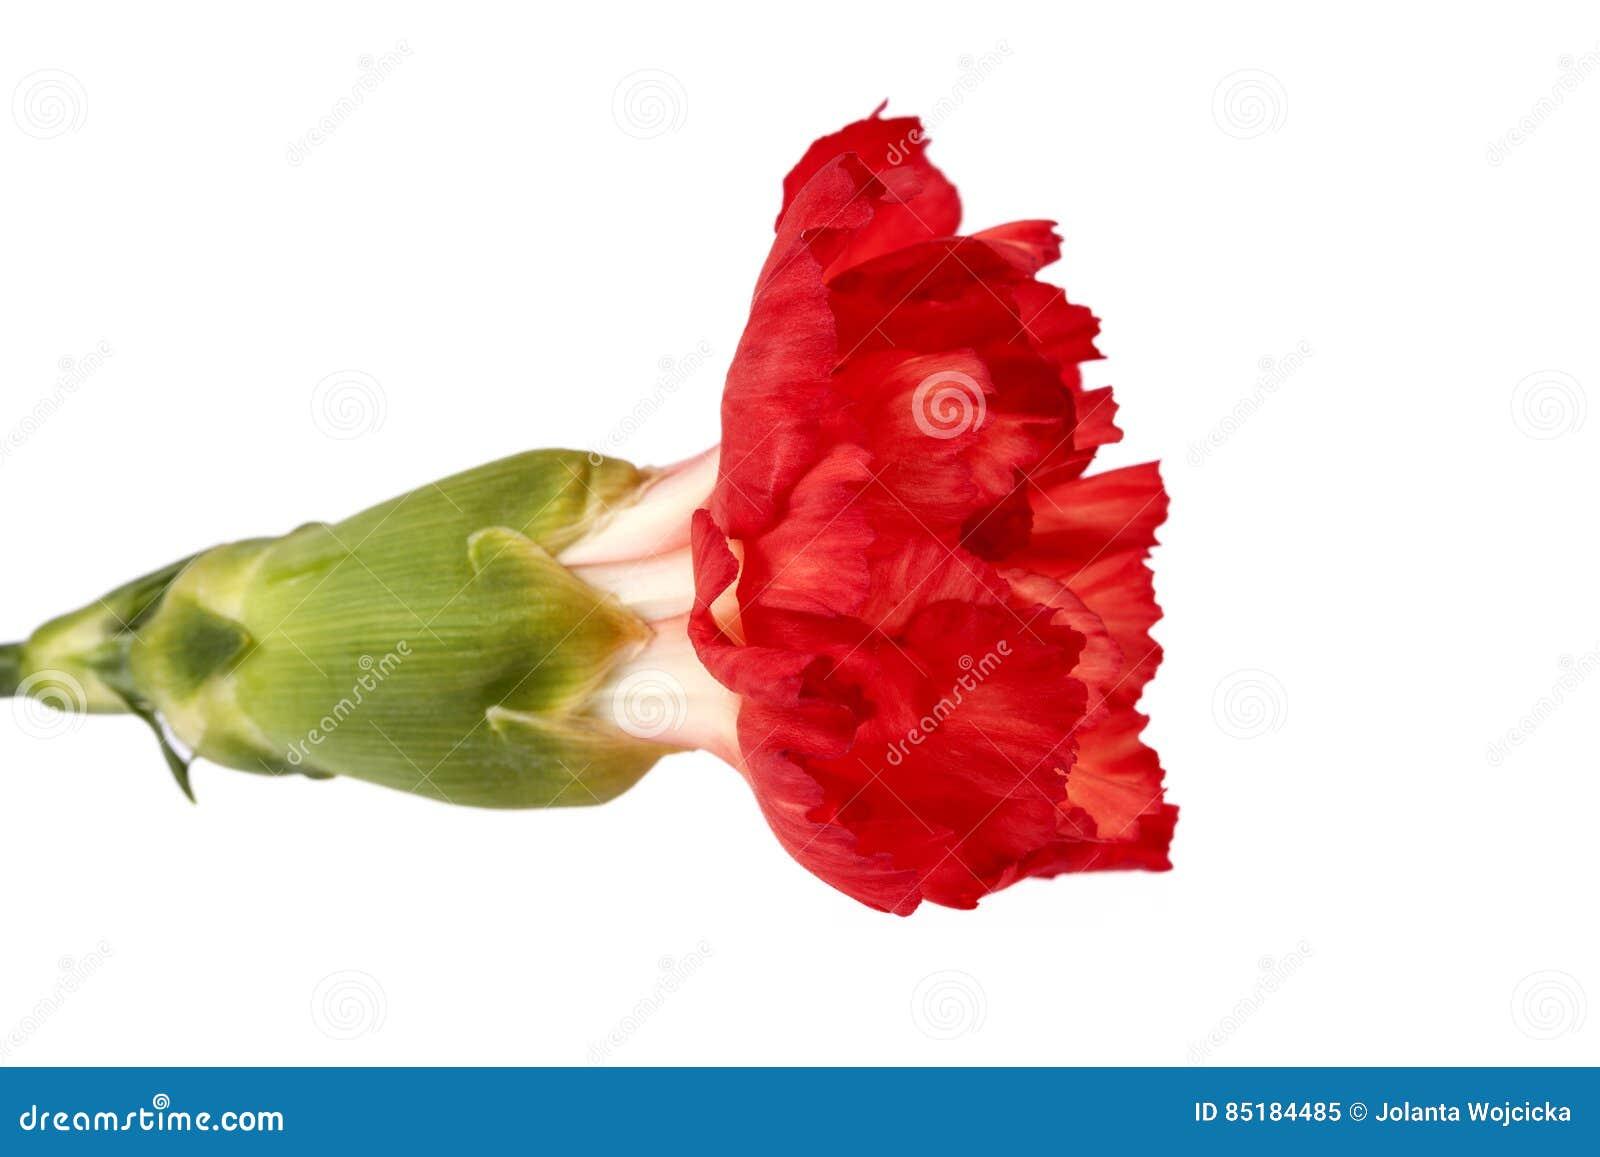 Blume roten Gartennelke Dianthus caryophyllus lokalisiert auf weißem Hintergrund